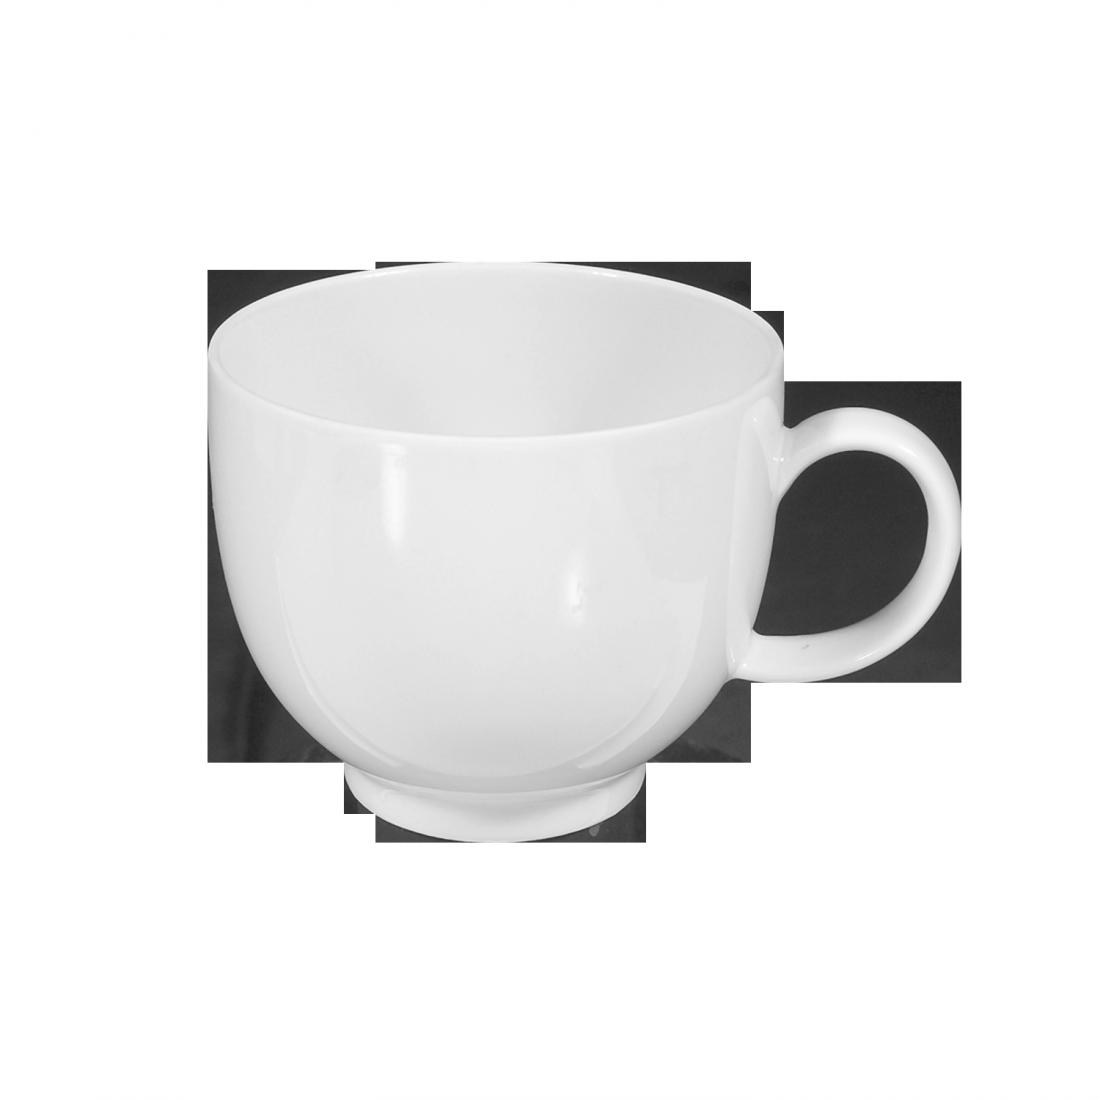 sketch uni kaffee obere 0 21l sketch basic sketch seltmann weiden marken. Black Bedroom Furniture Sets. Home Design Ideas